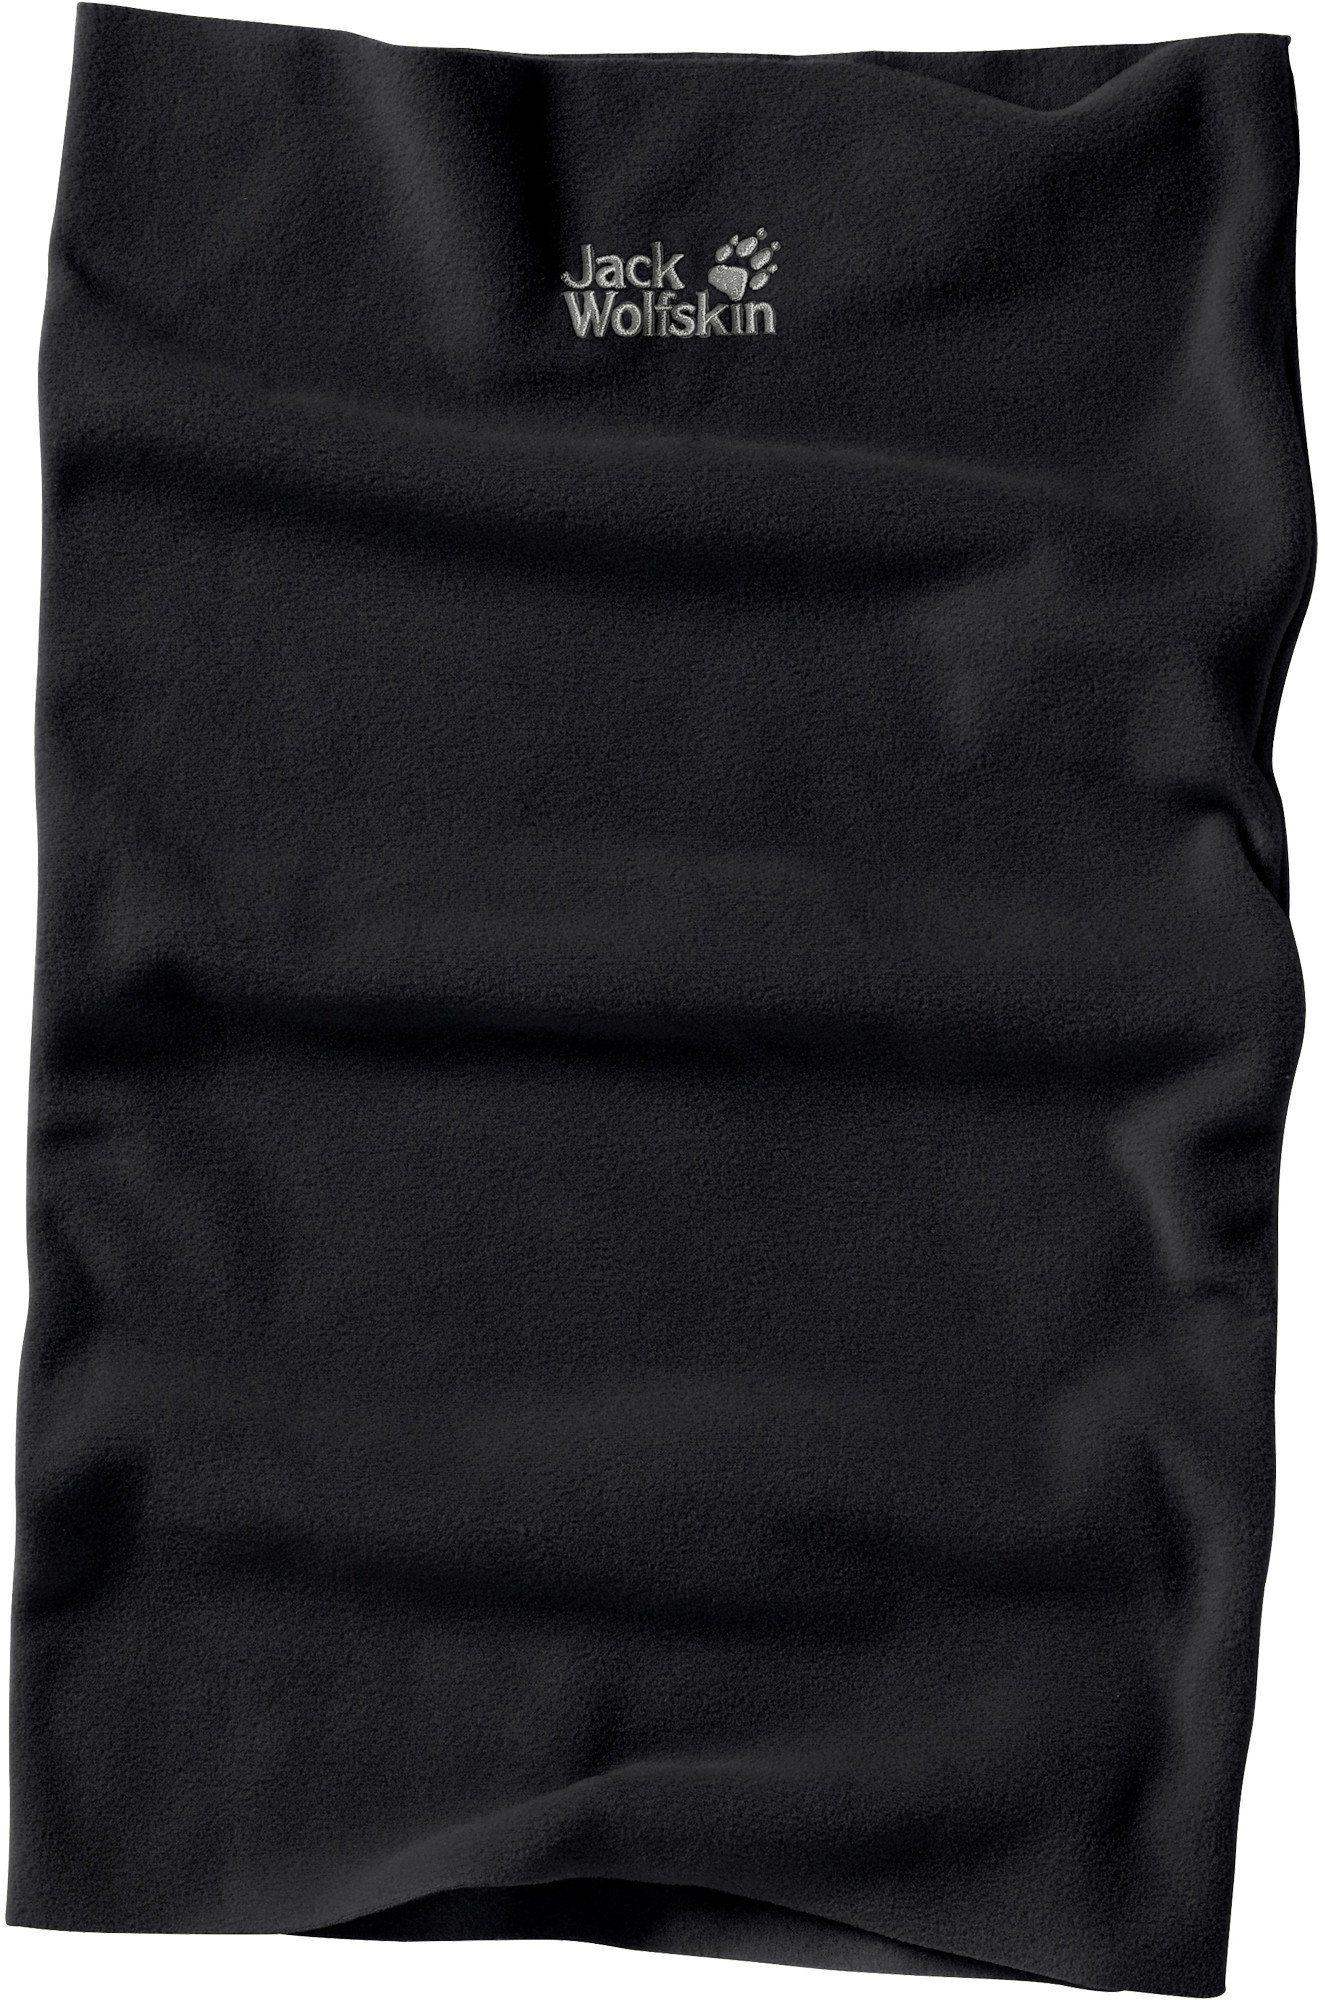 Kübler Multifunktionstuch Tuch Halstuch Schlauchtuch Schlauchschal